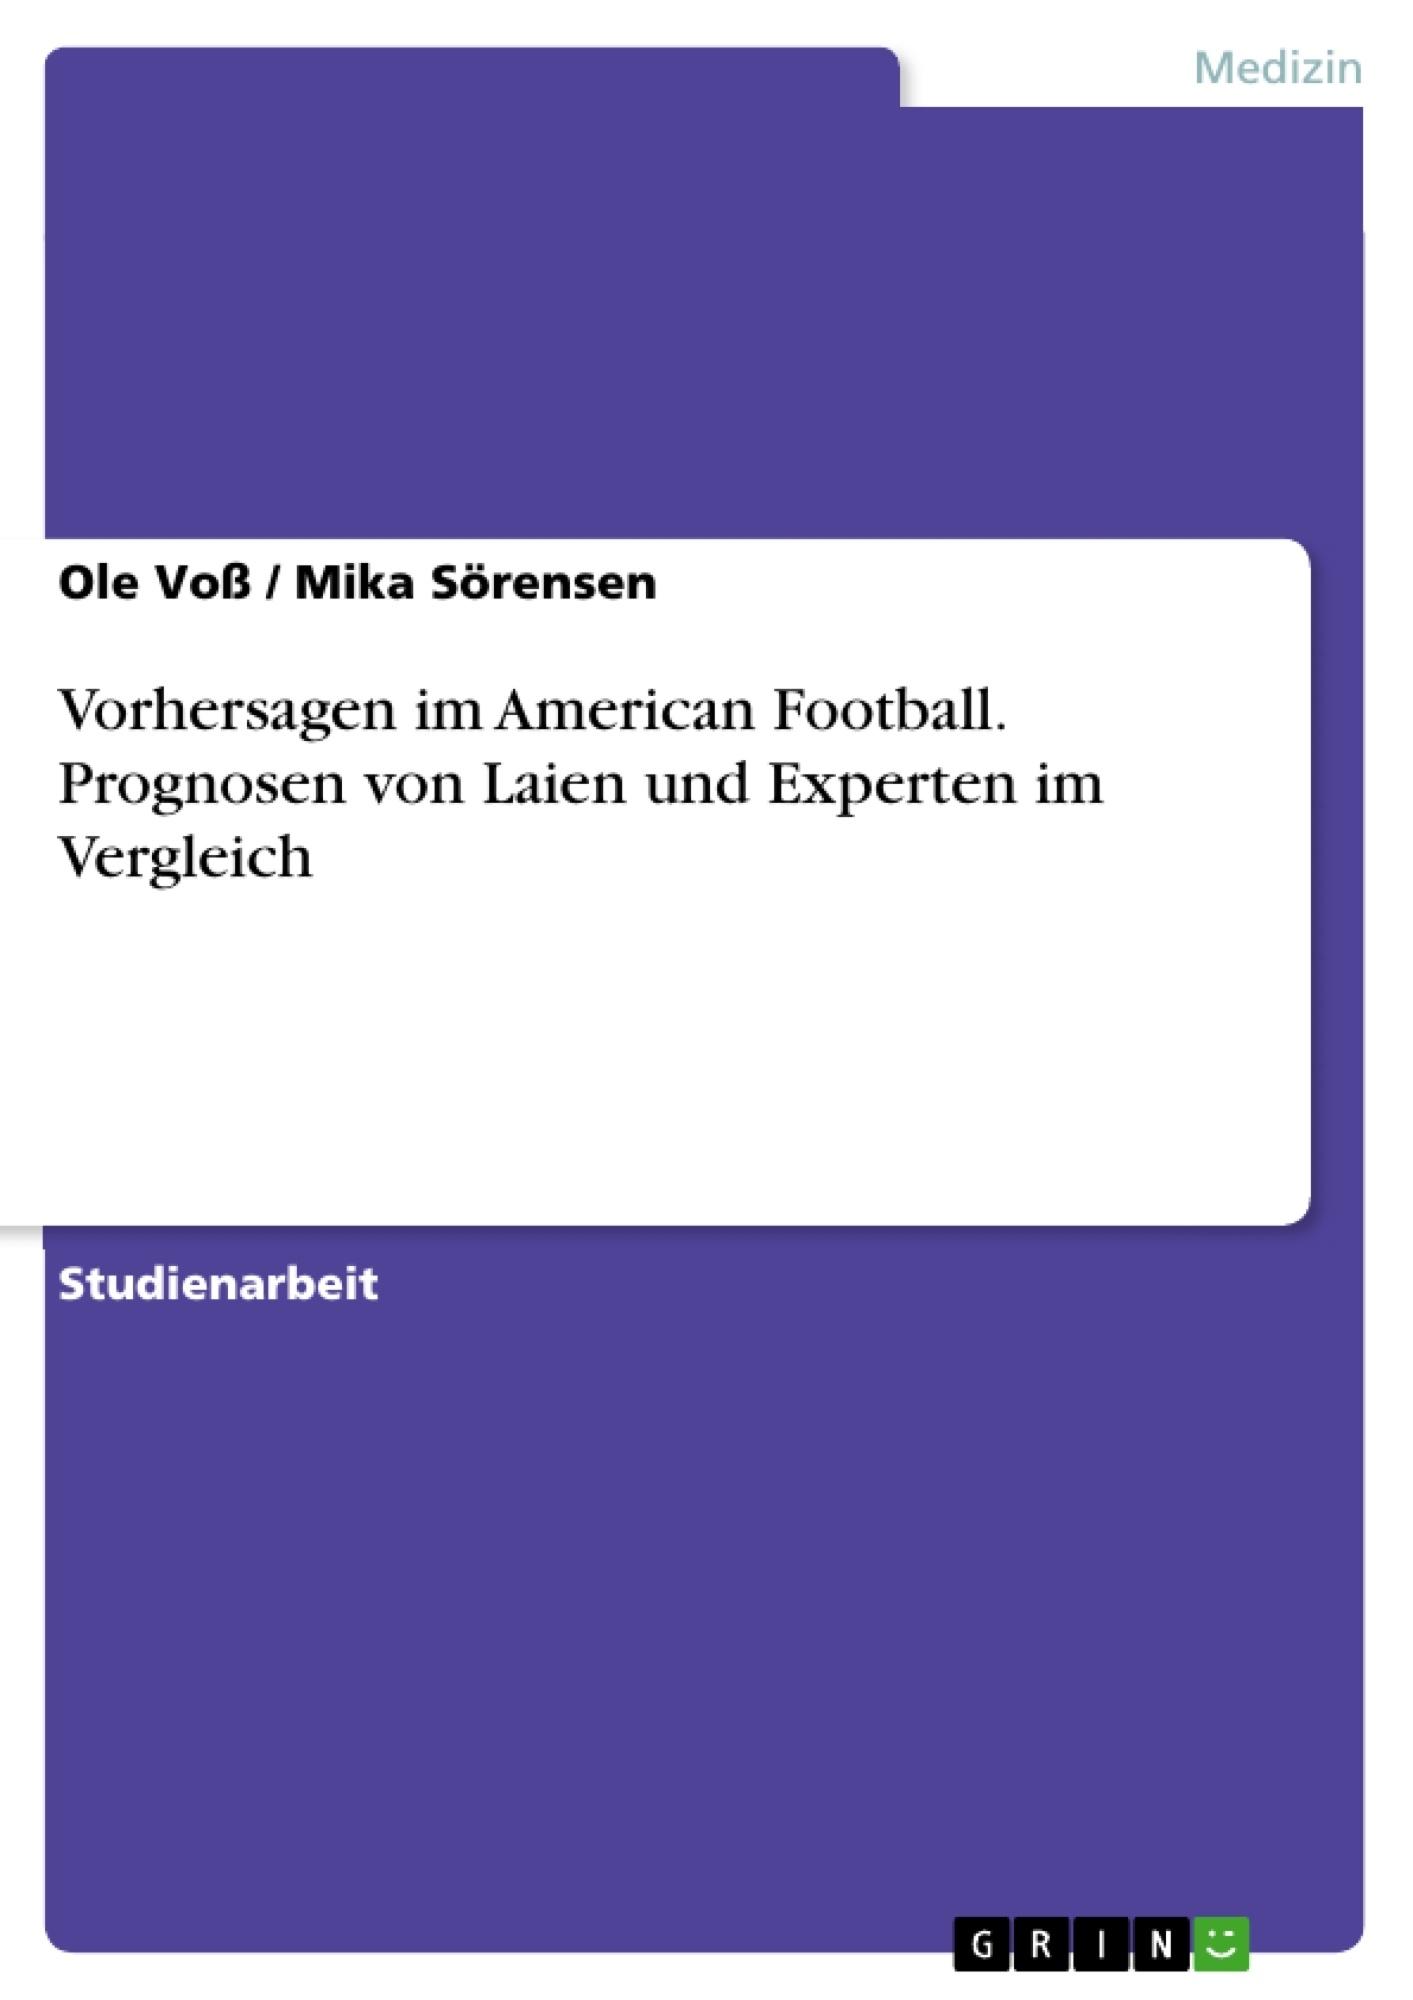 Titel: Vorhersagen im American Football. Prognosen von Laien und Experten im Vergleich